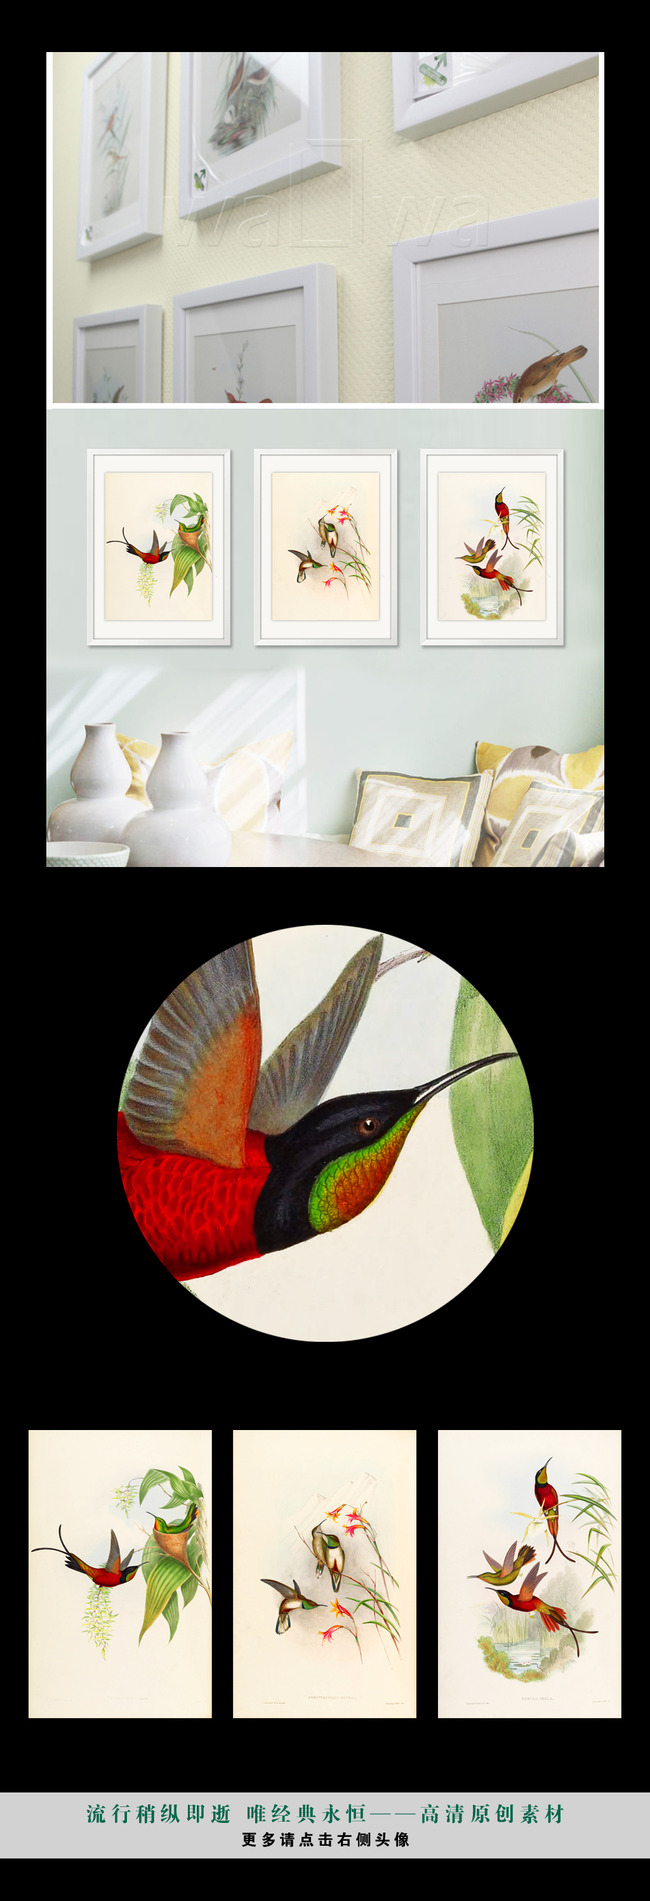 复古小清新植物花鸟装饰画图片下载高清画芯素材源文件图片 手绘复古